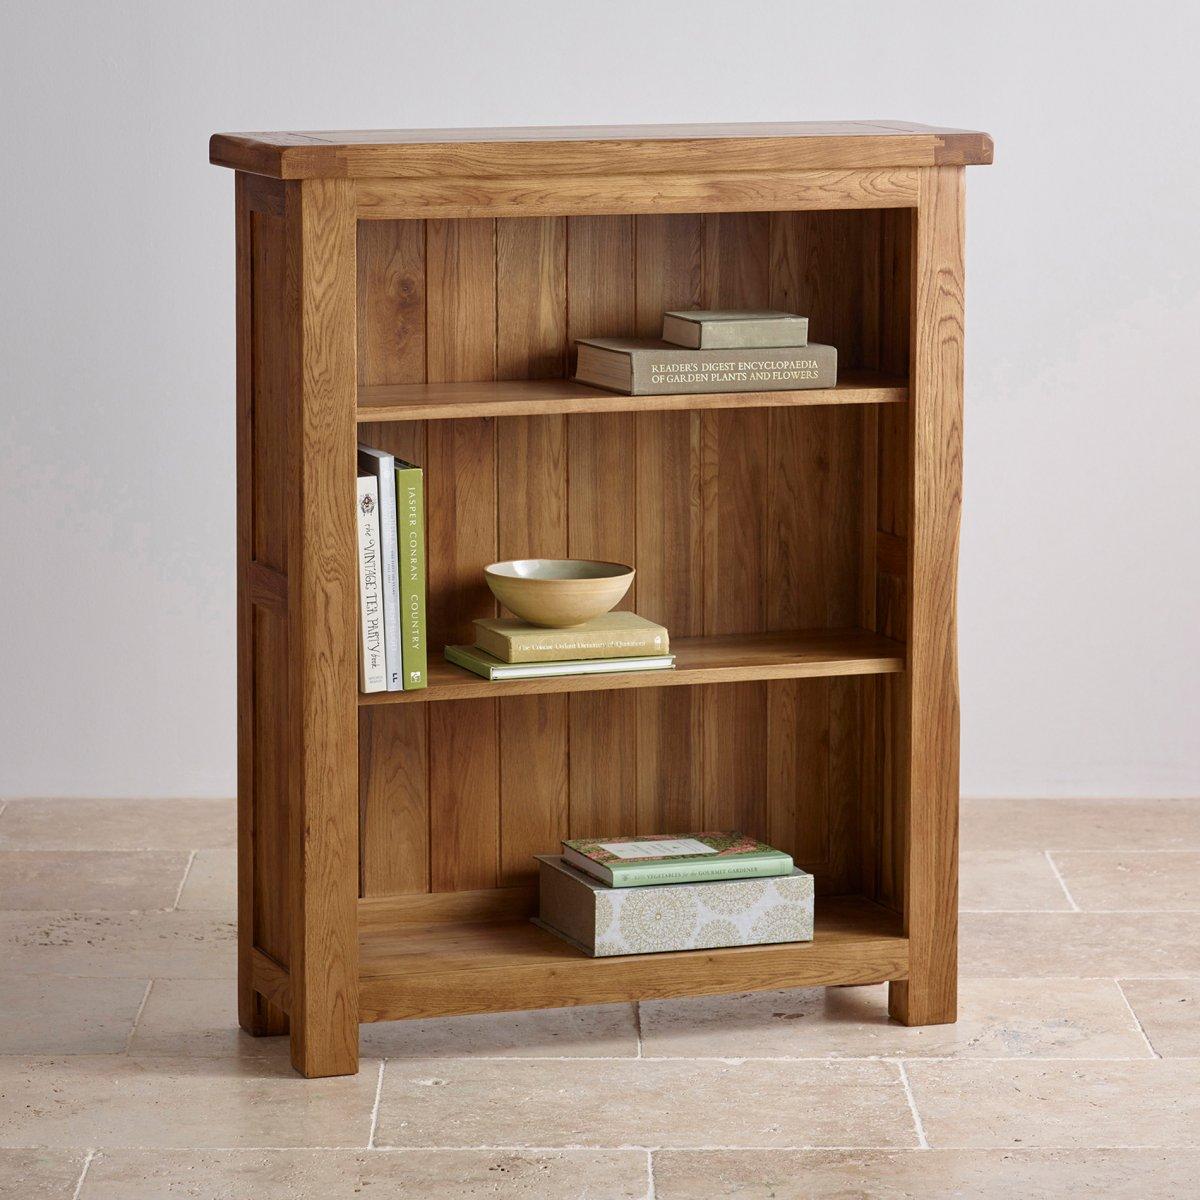 Original Rustic Small Bookcase in Solid Oak | Oak ...